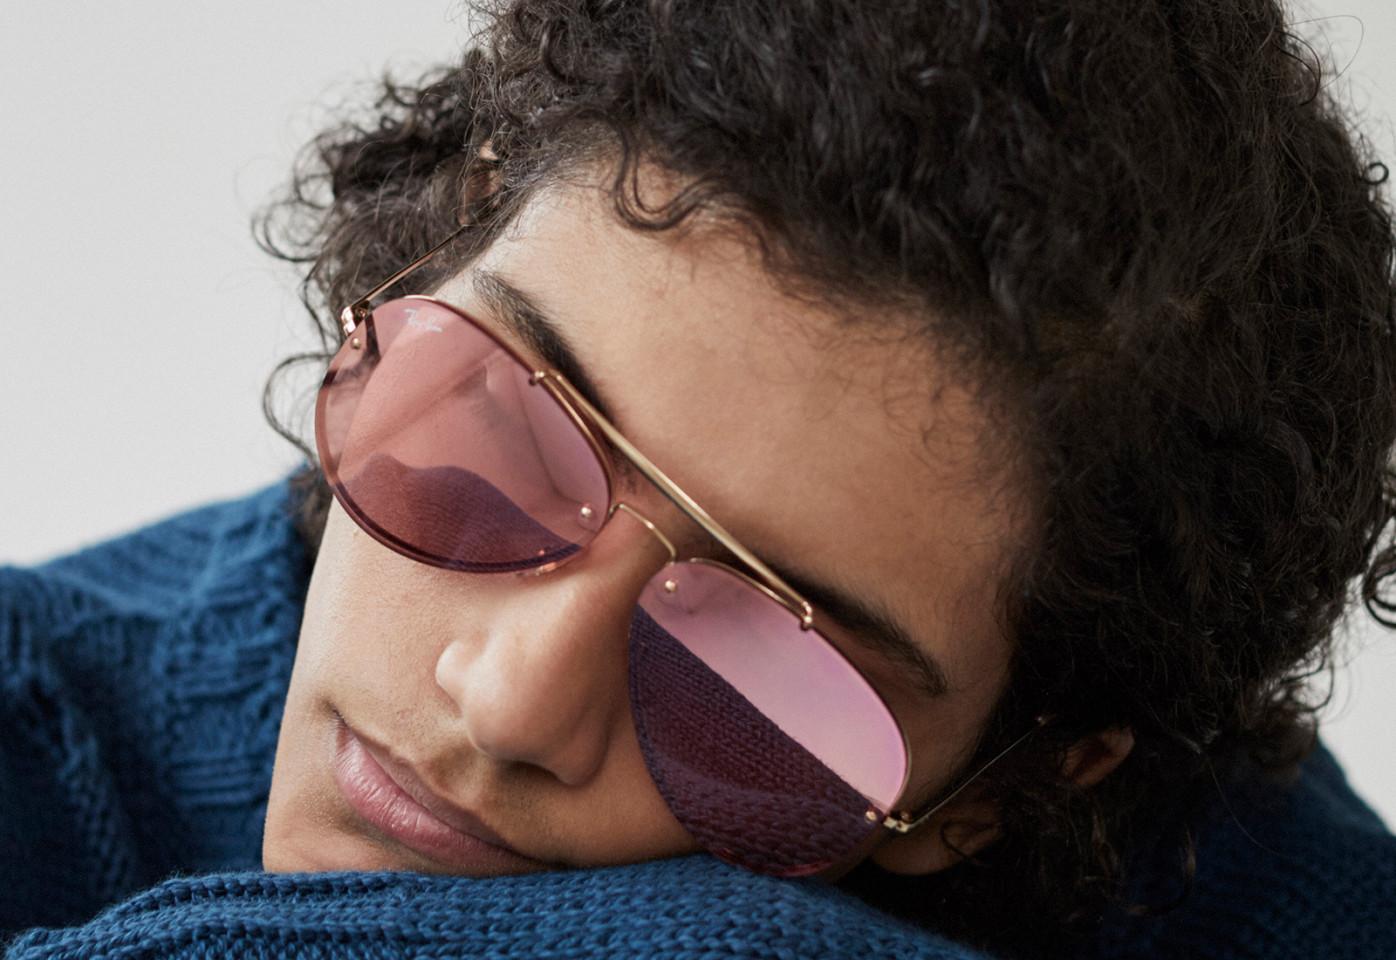 9种搭配方案供你参考,只为帮你选一款夏日太阳镜